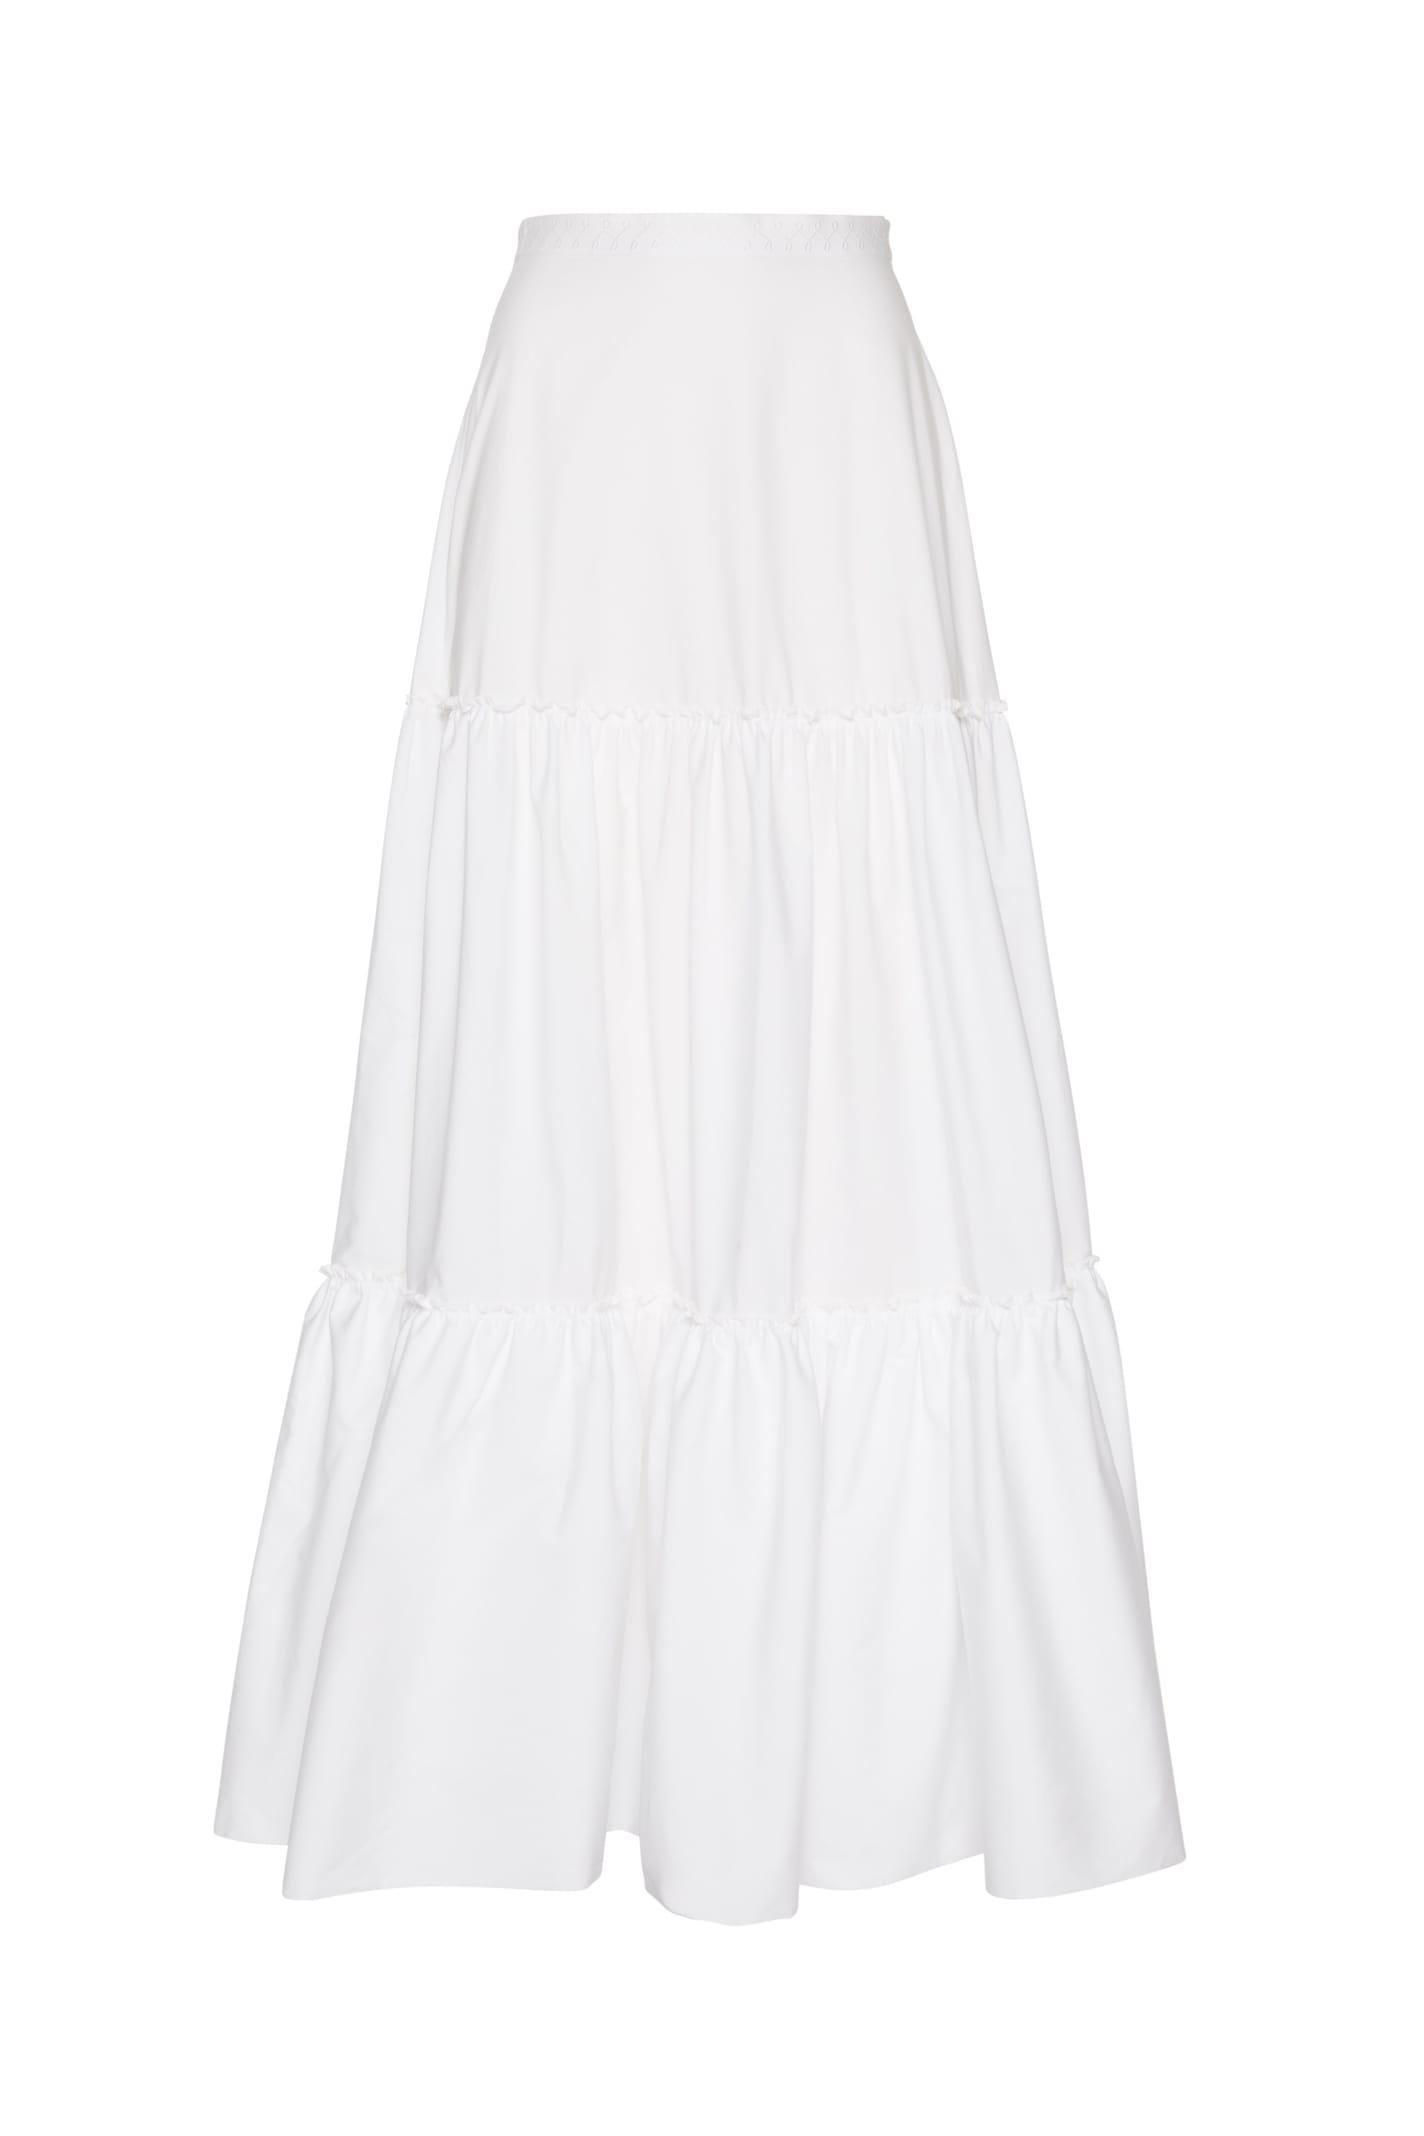 Charlotte Long Skirt In White Poplin